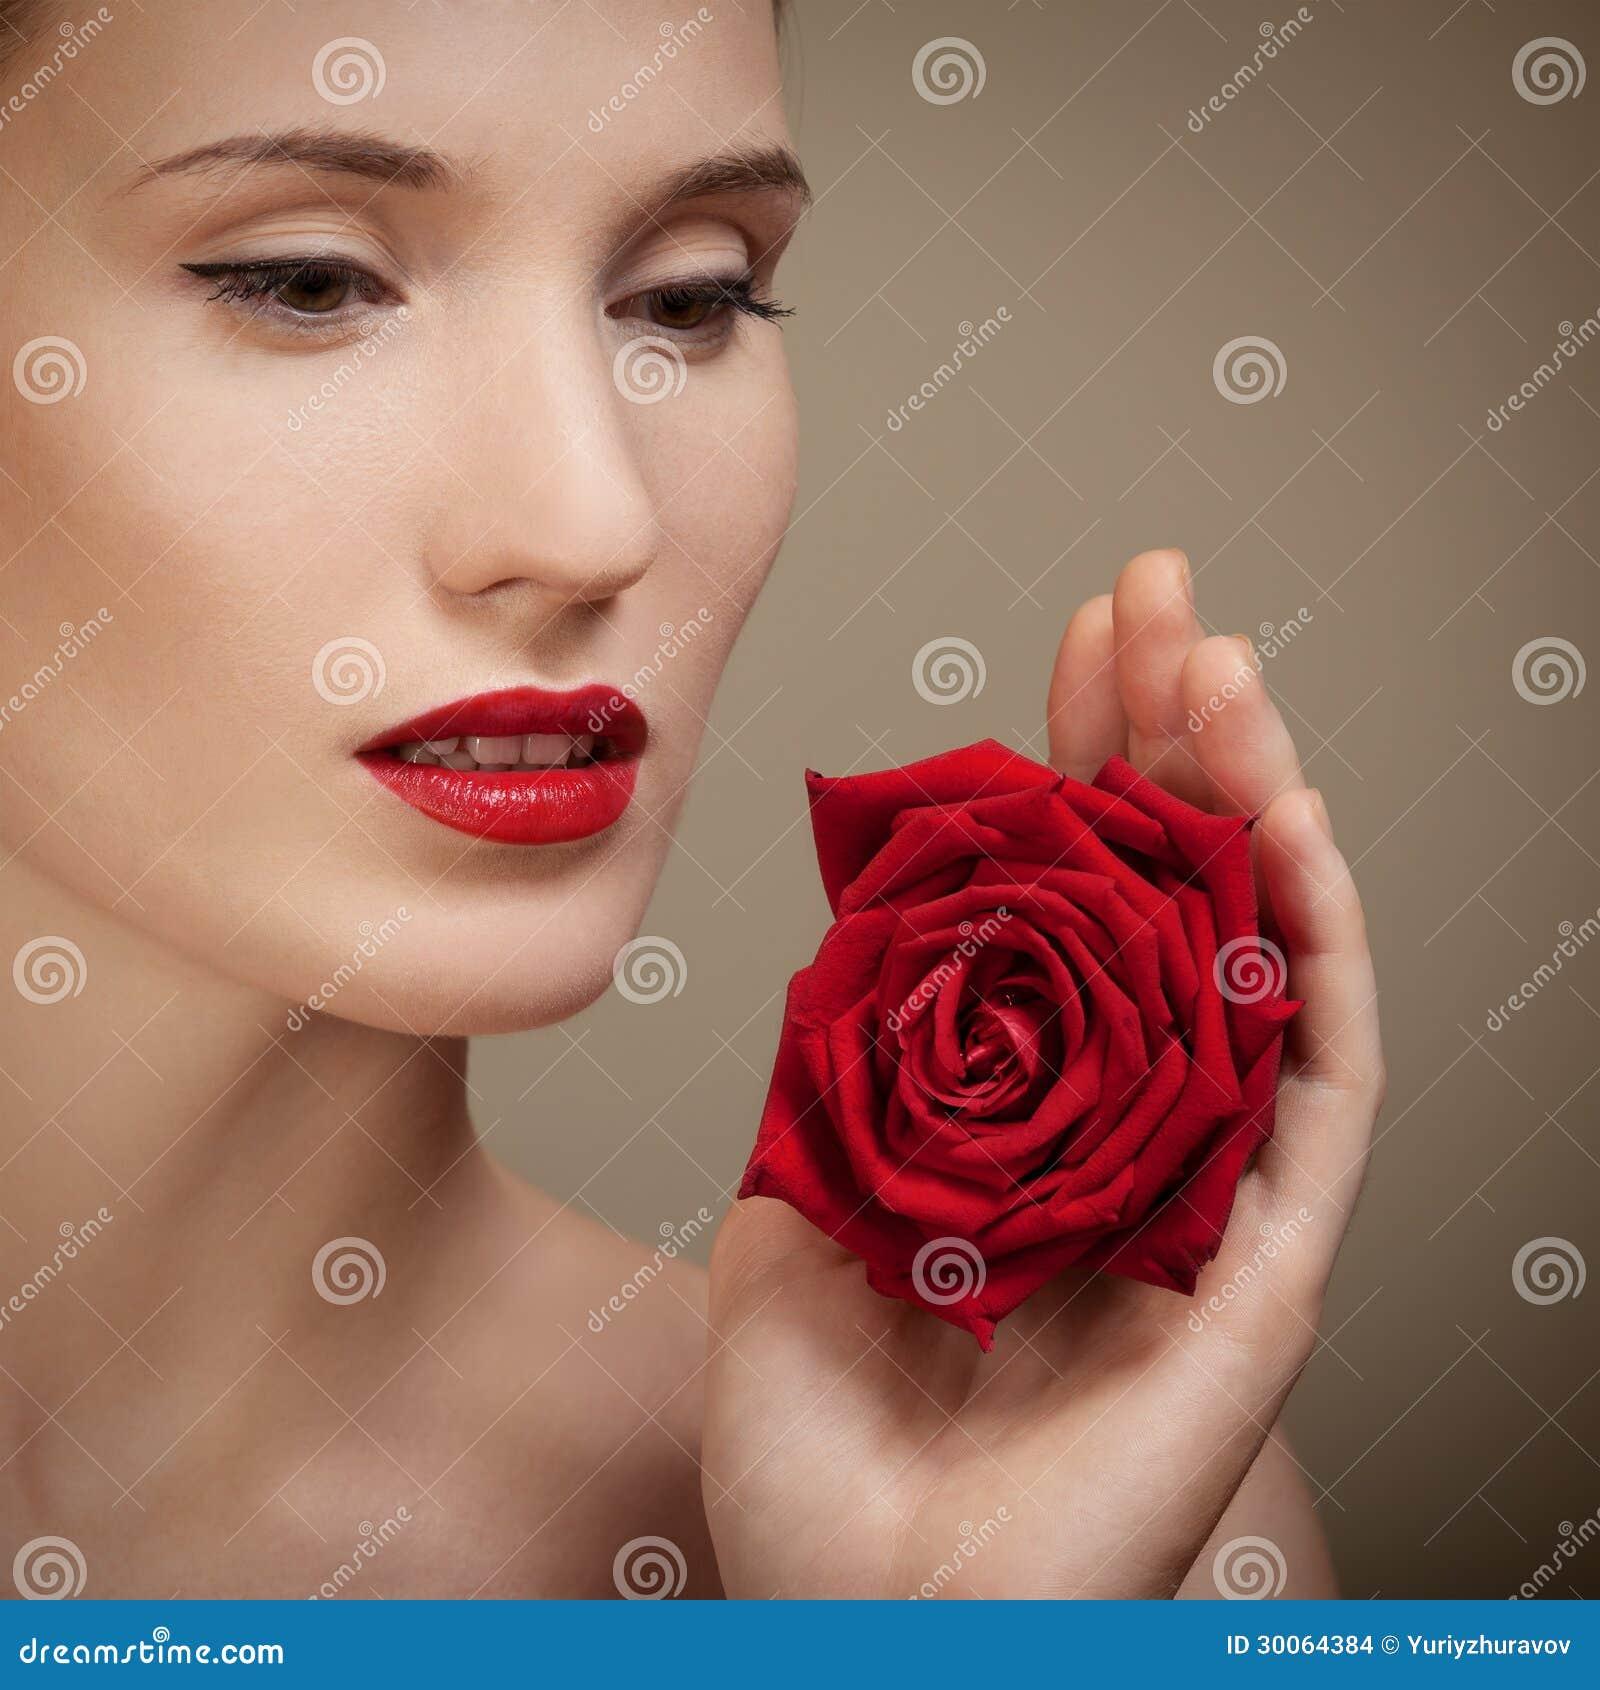 Schöne Frau, die in der Hand <b>rote Rose</b> hält Stockbilder - sch%25C3%25B6ne-junge-frau-die-der-hand-rote-rose-h%25C3%25A4lt-30064384